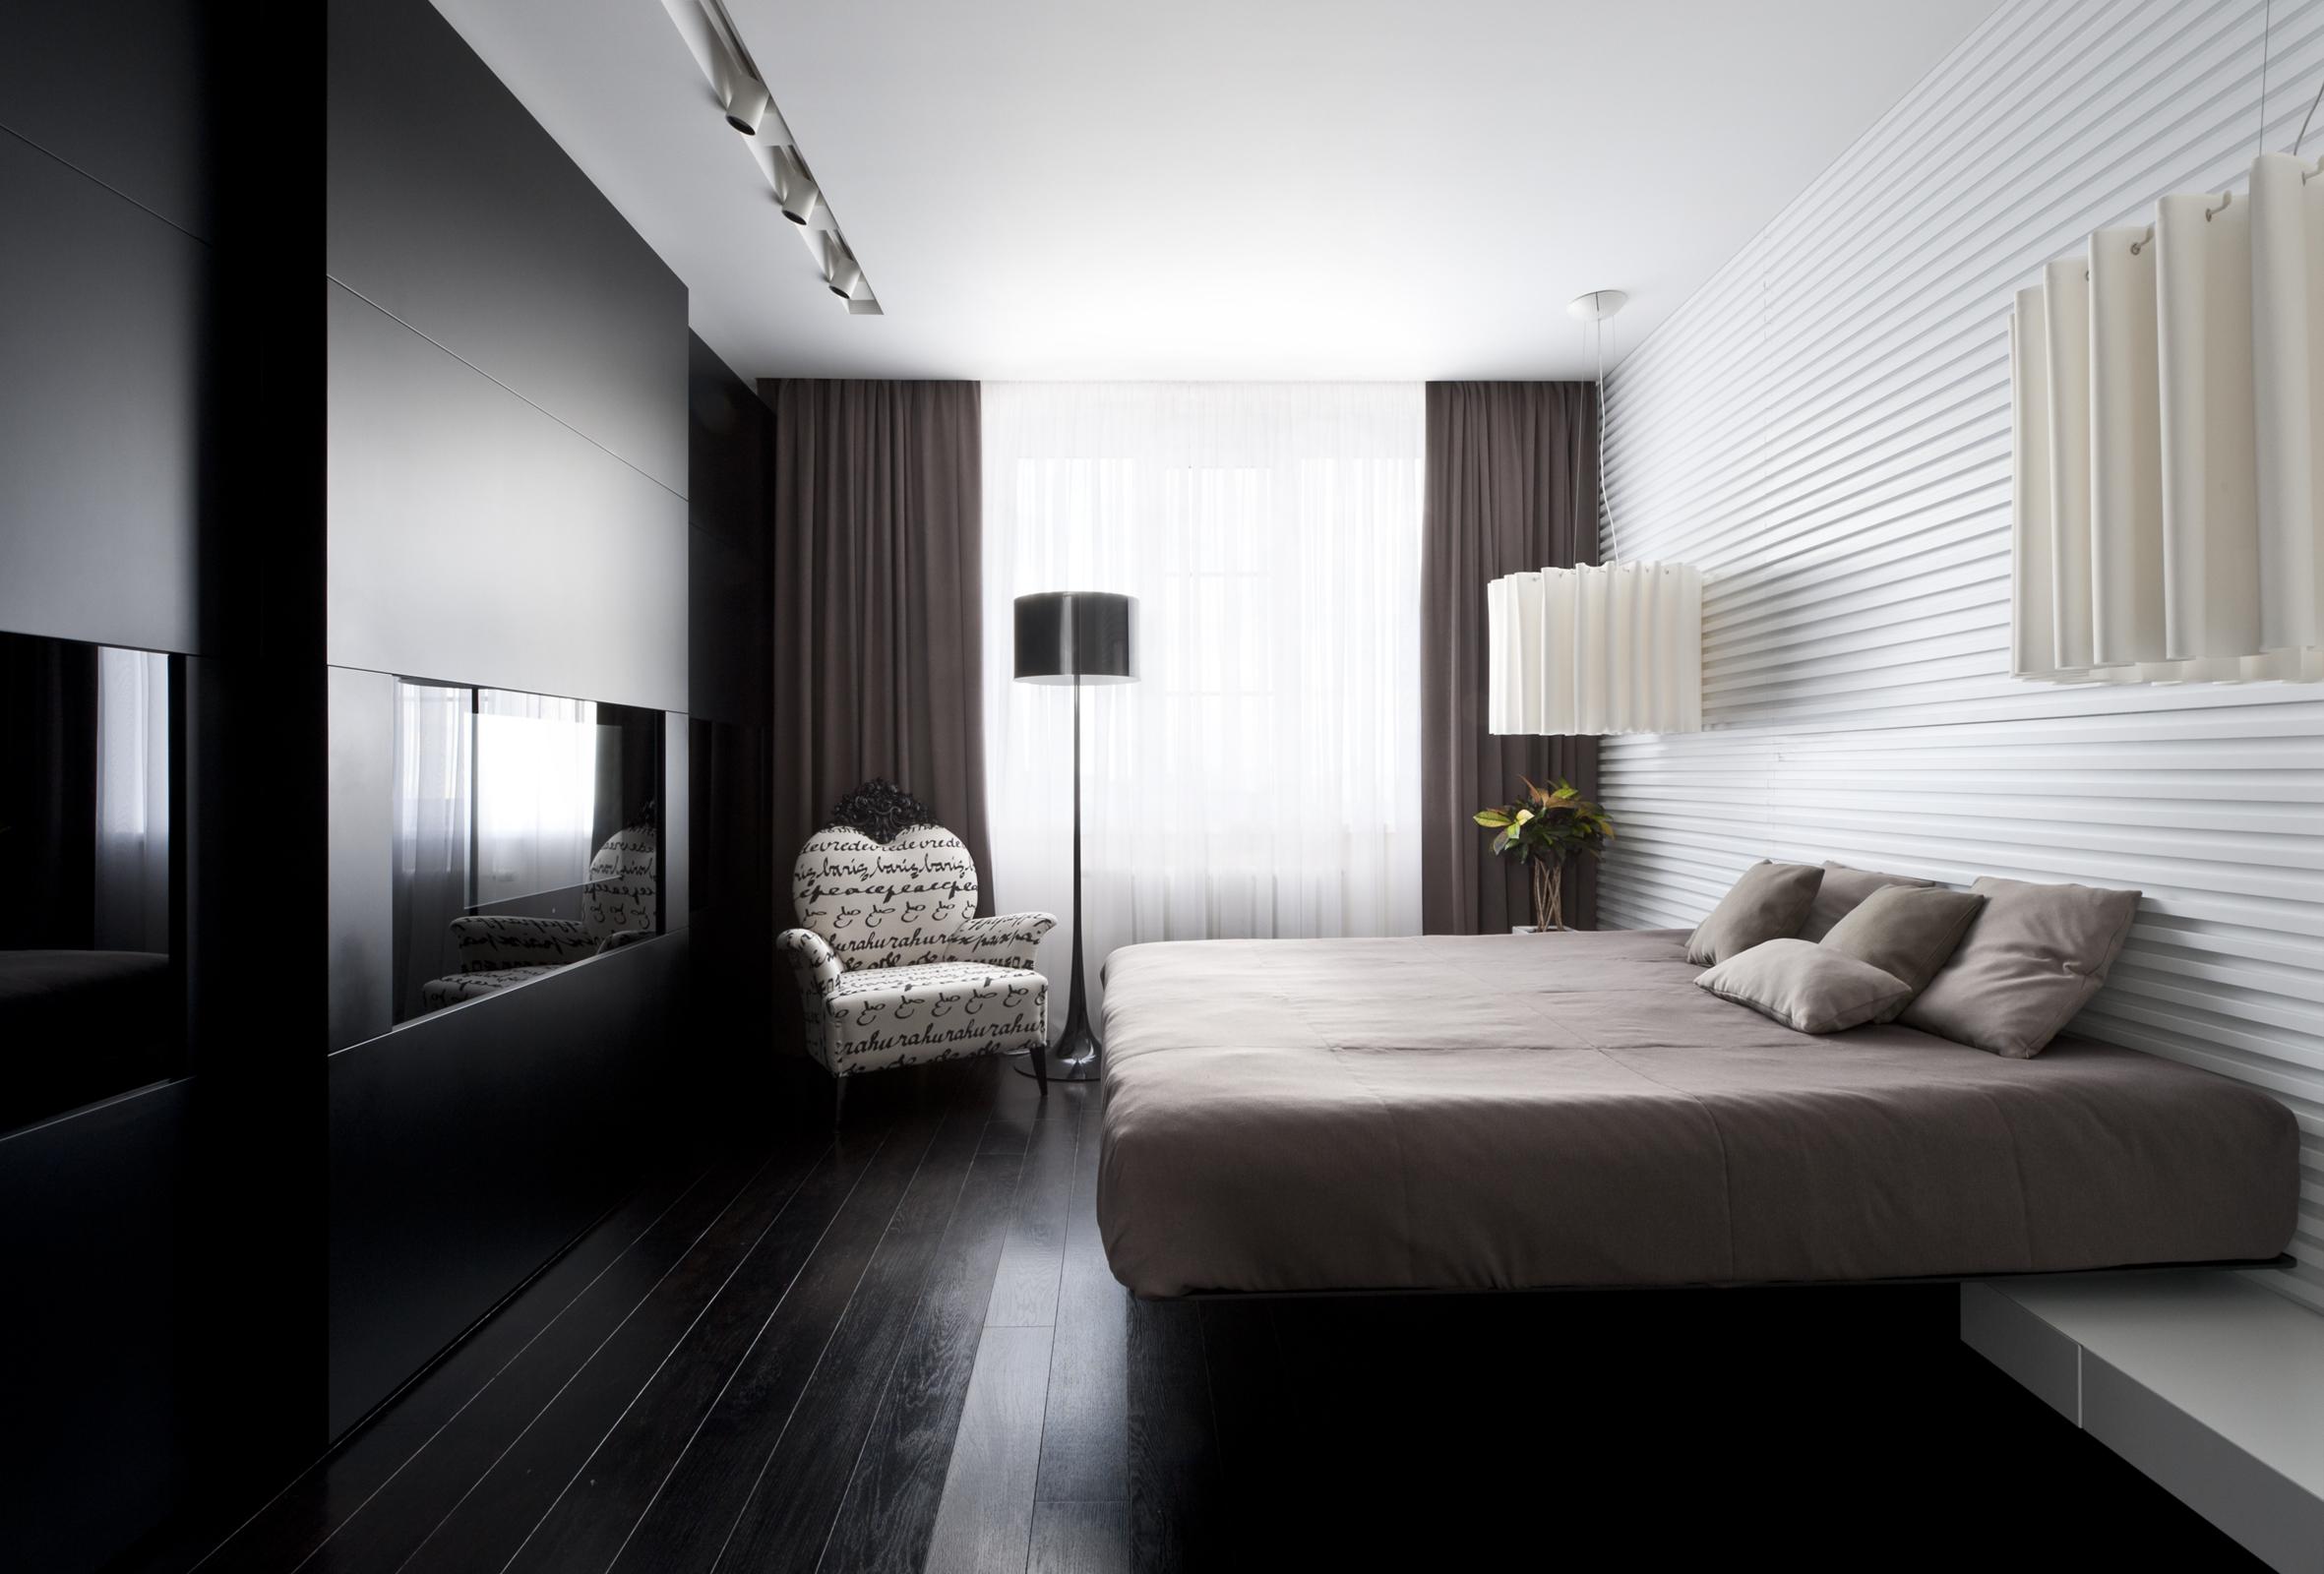 View In Gallery Bilik Tidur Moden Gelap Dan Terang Dengan Satu Dinding Dipasang Rak Tv